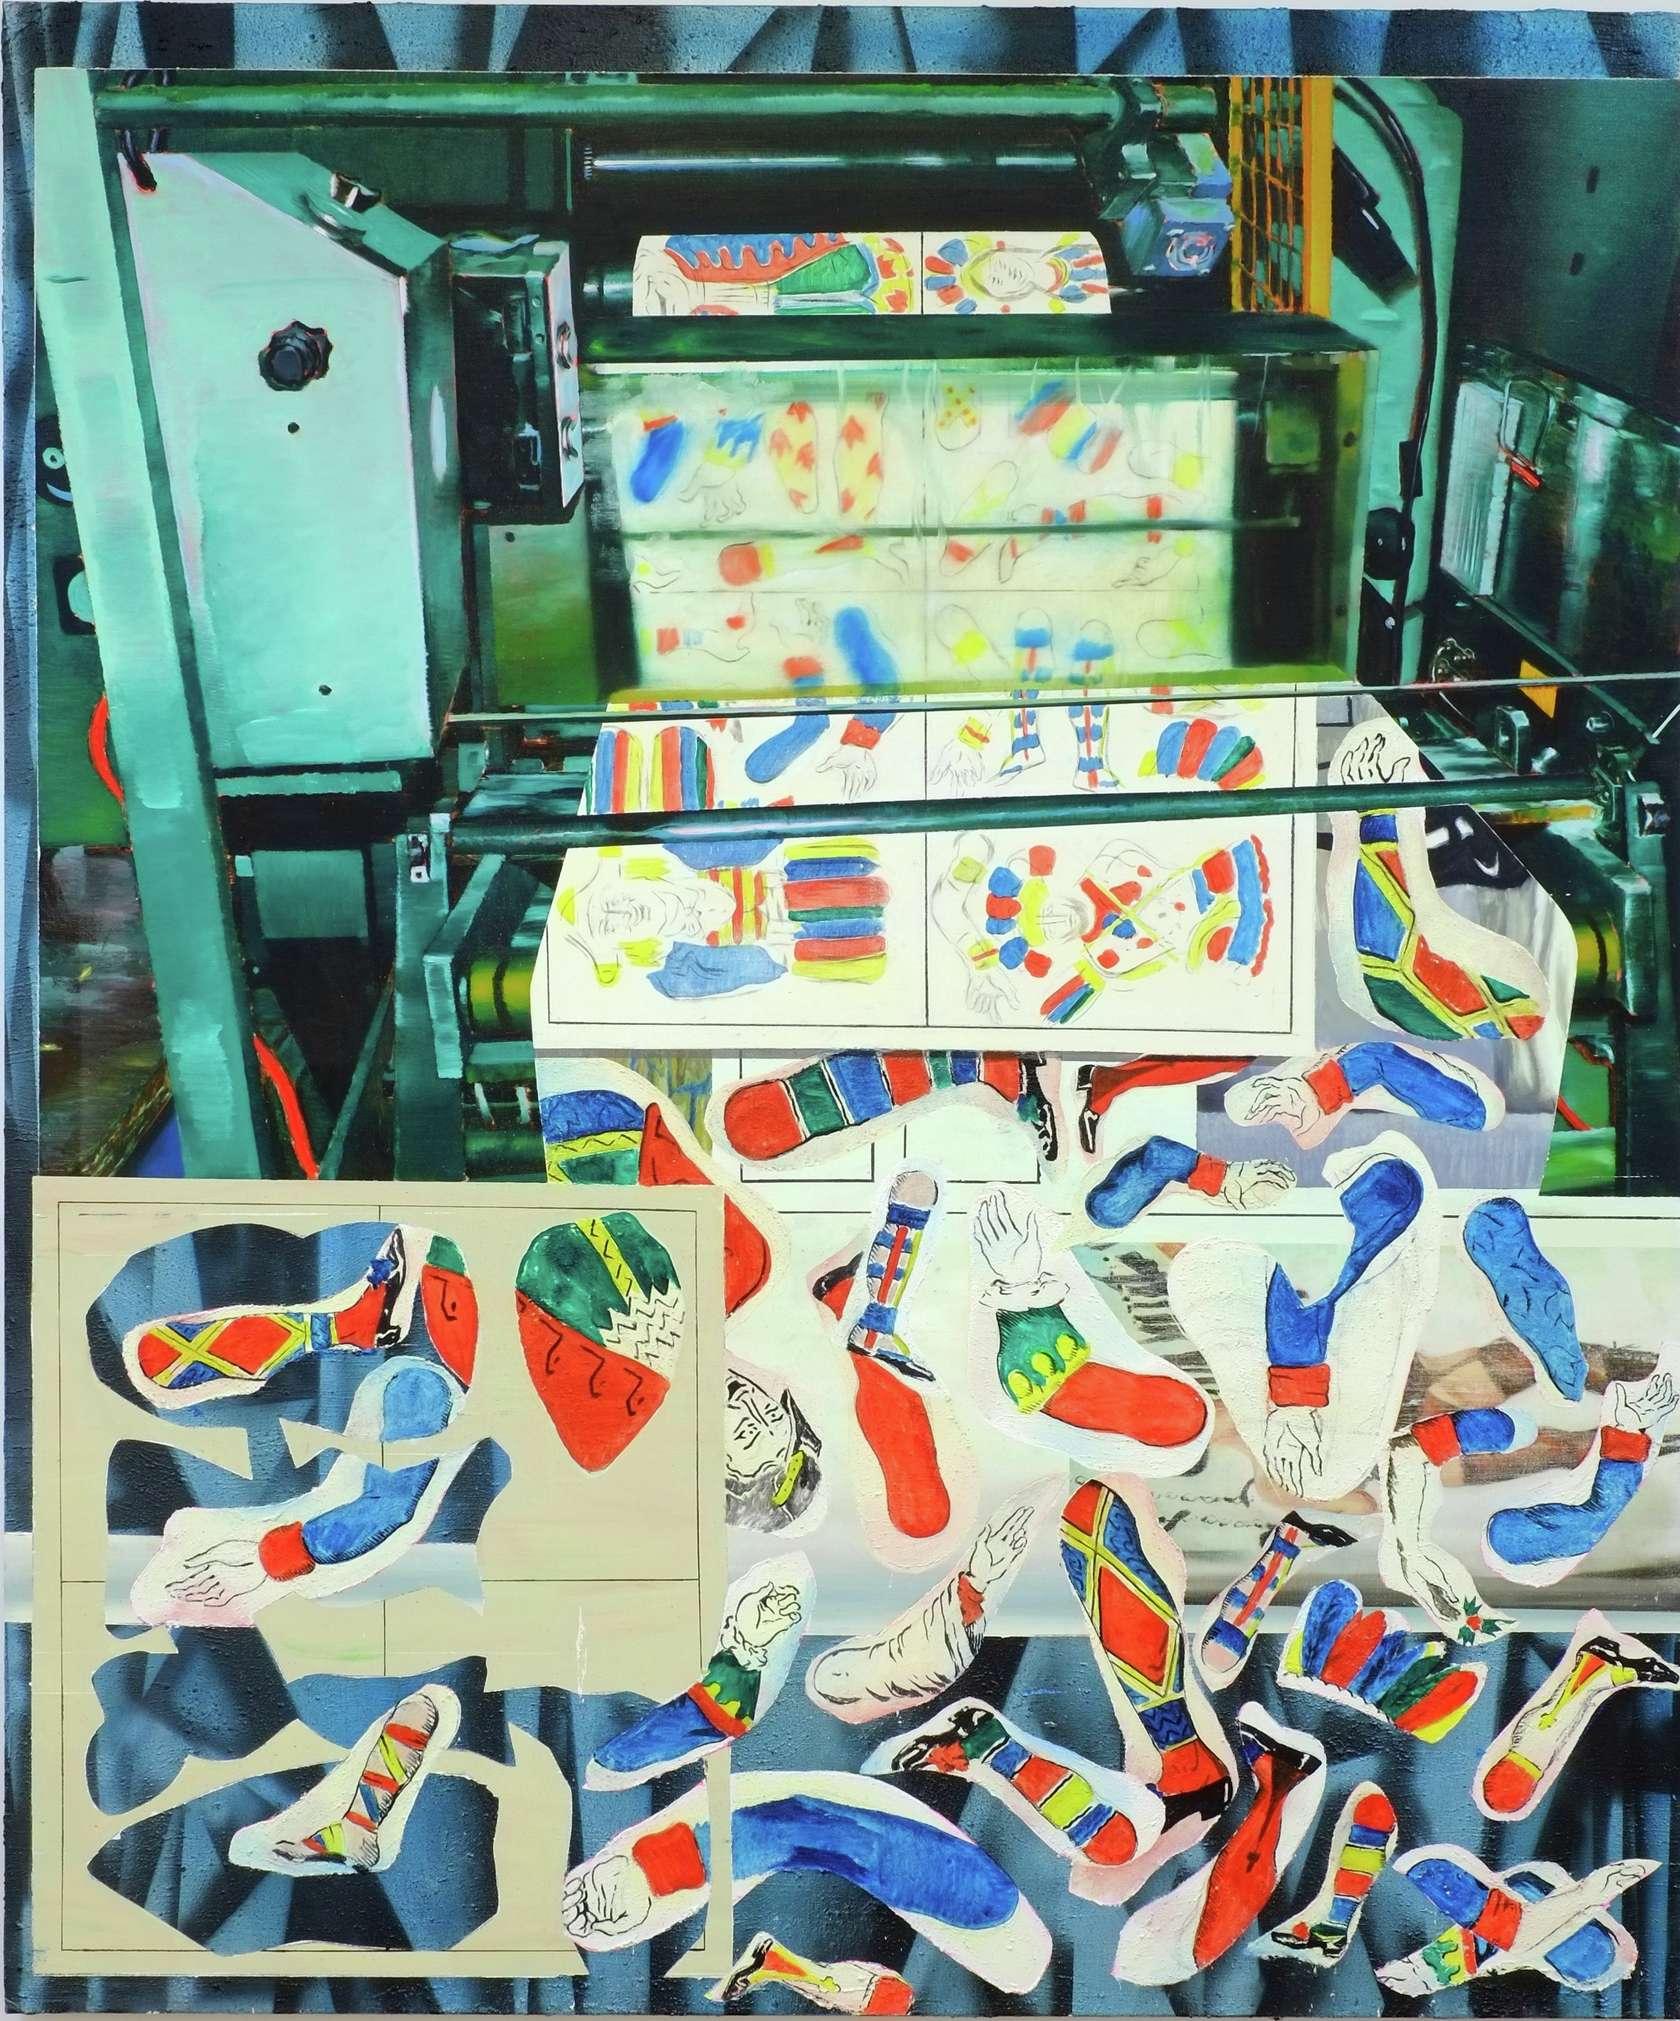 Laurent Proux, Découpe, 2015 Huile sur toile240 x 200cm / 94 1/2 x 78 6/8inches